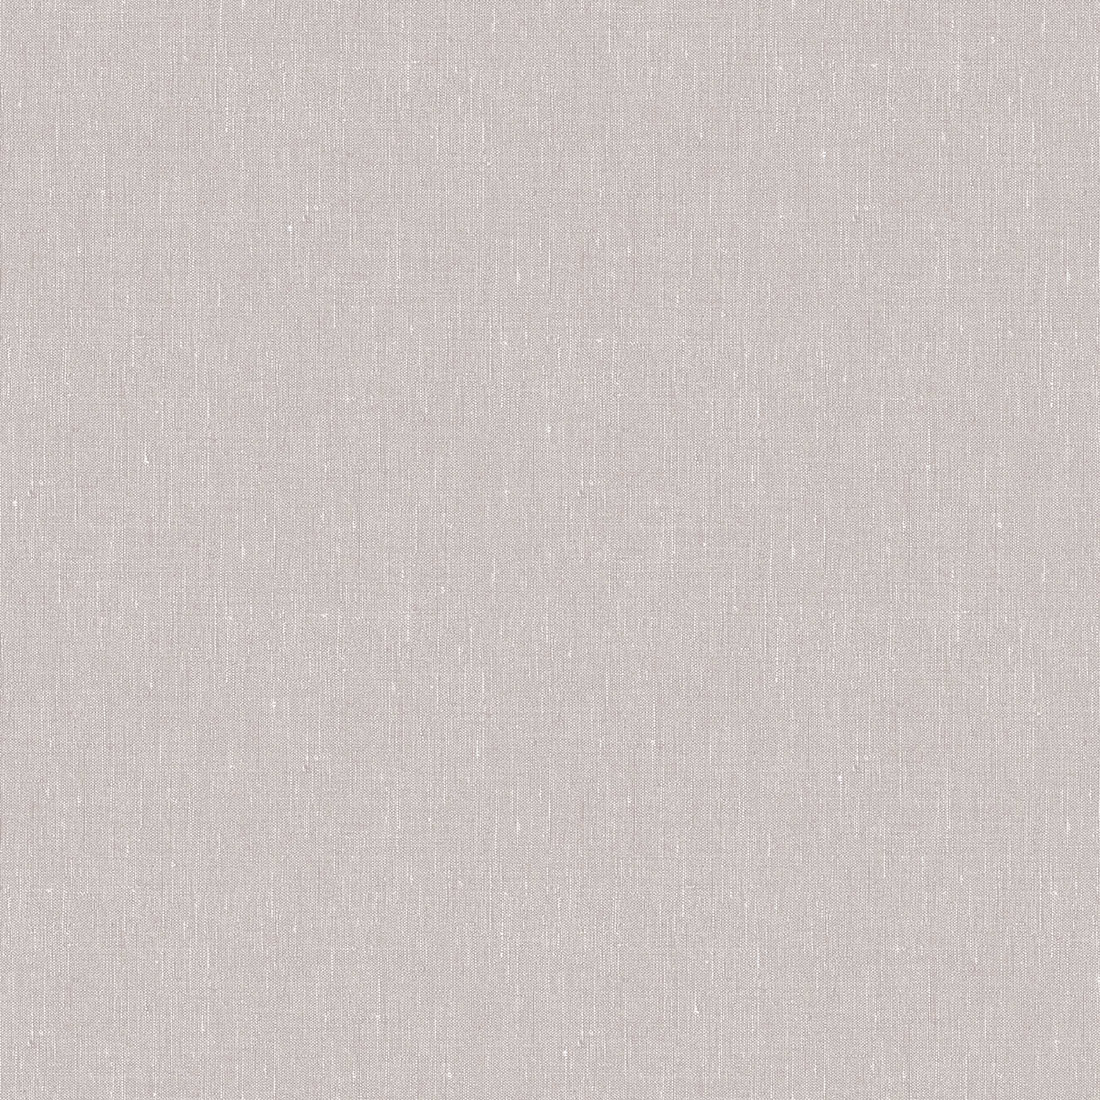 Linen-4434